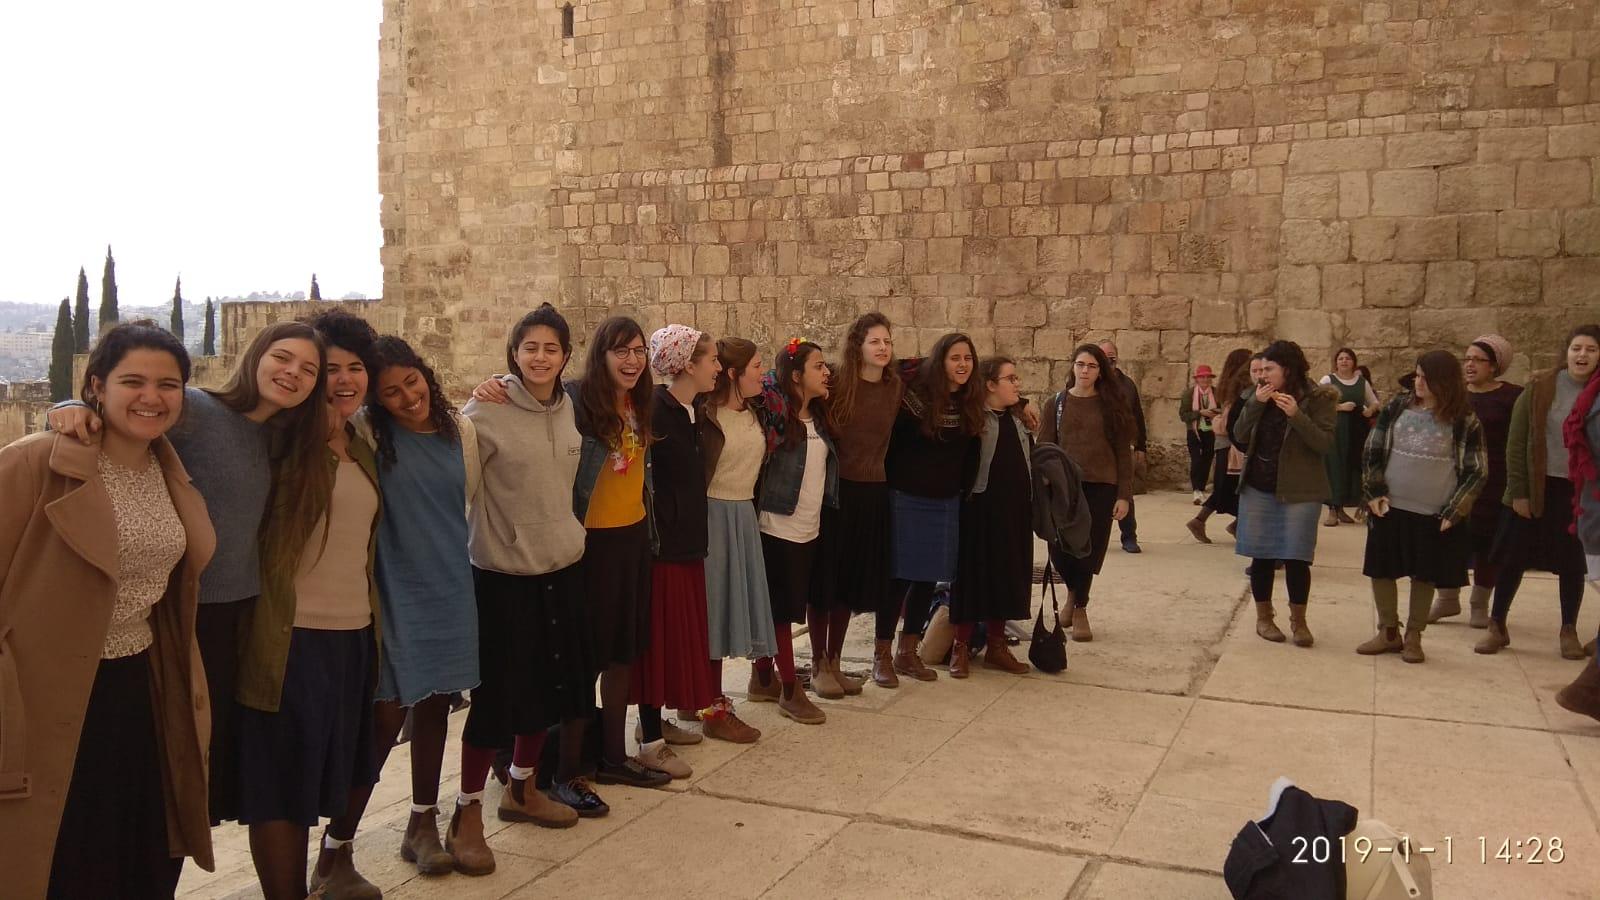 שבוע ירושלים-שמינית תשעט 4